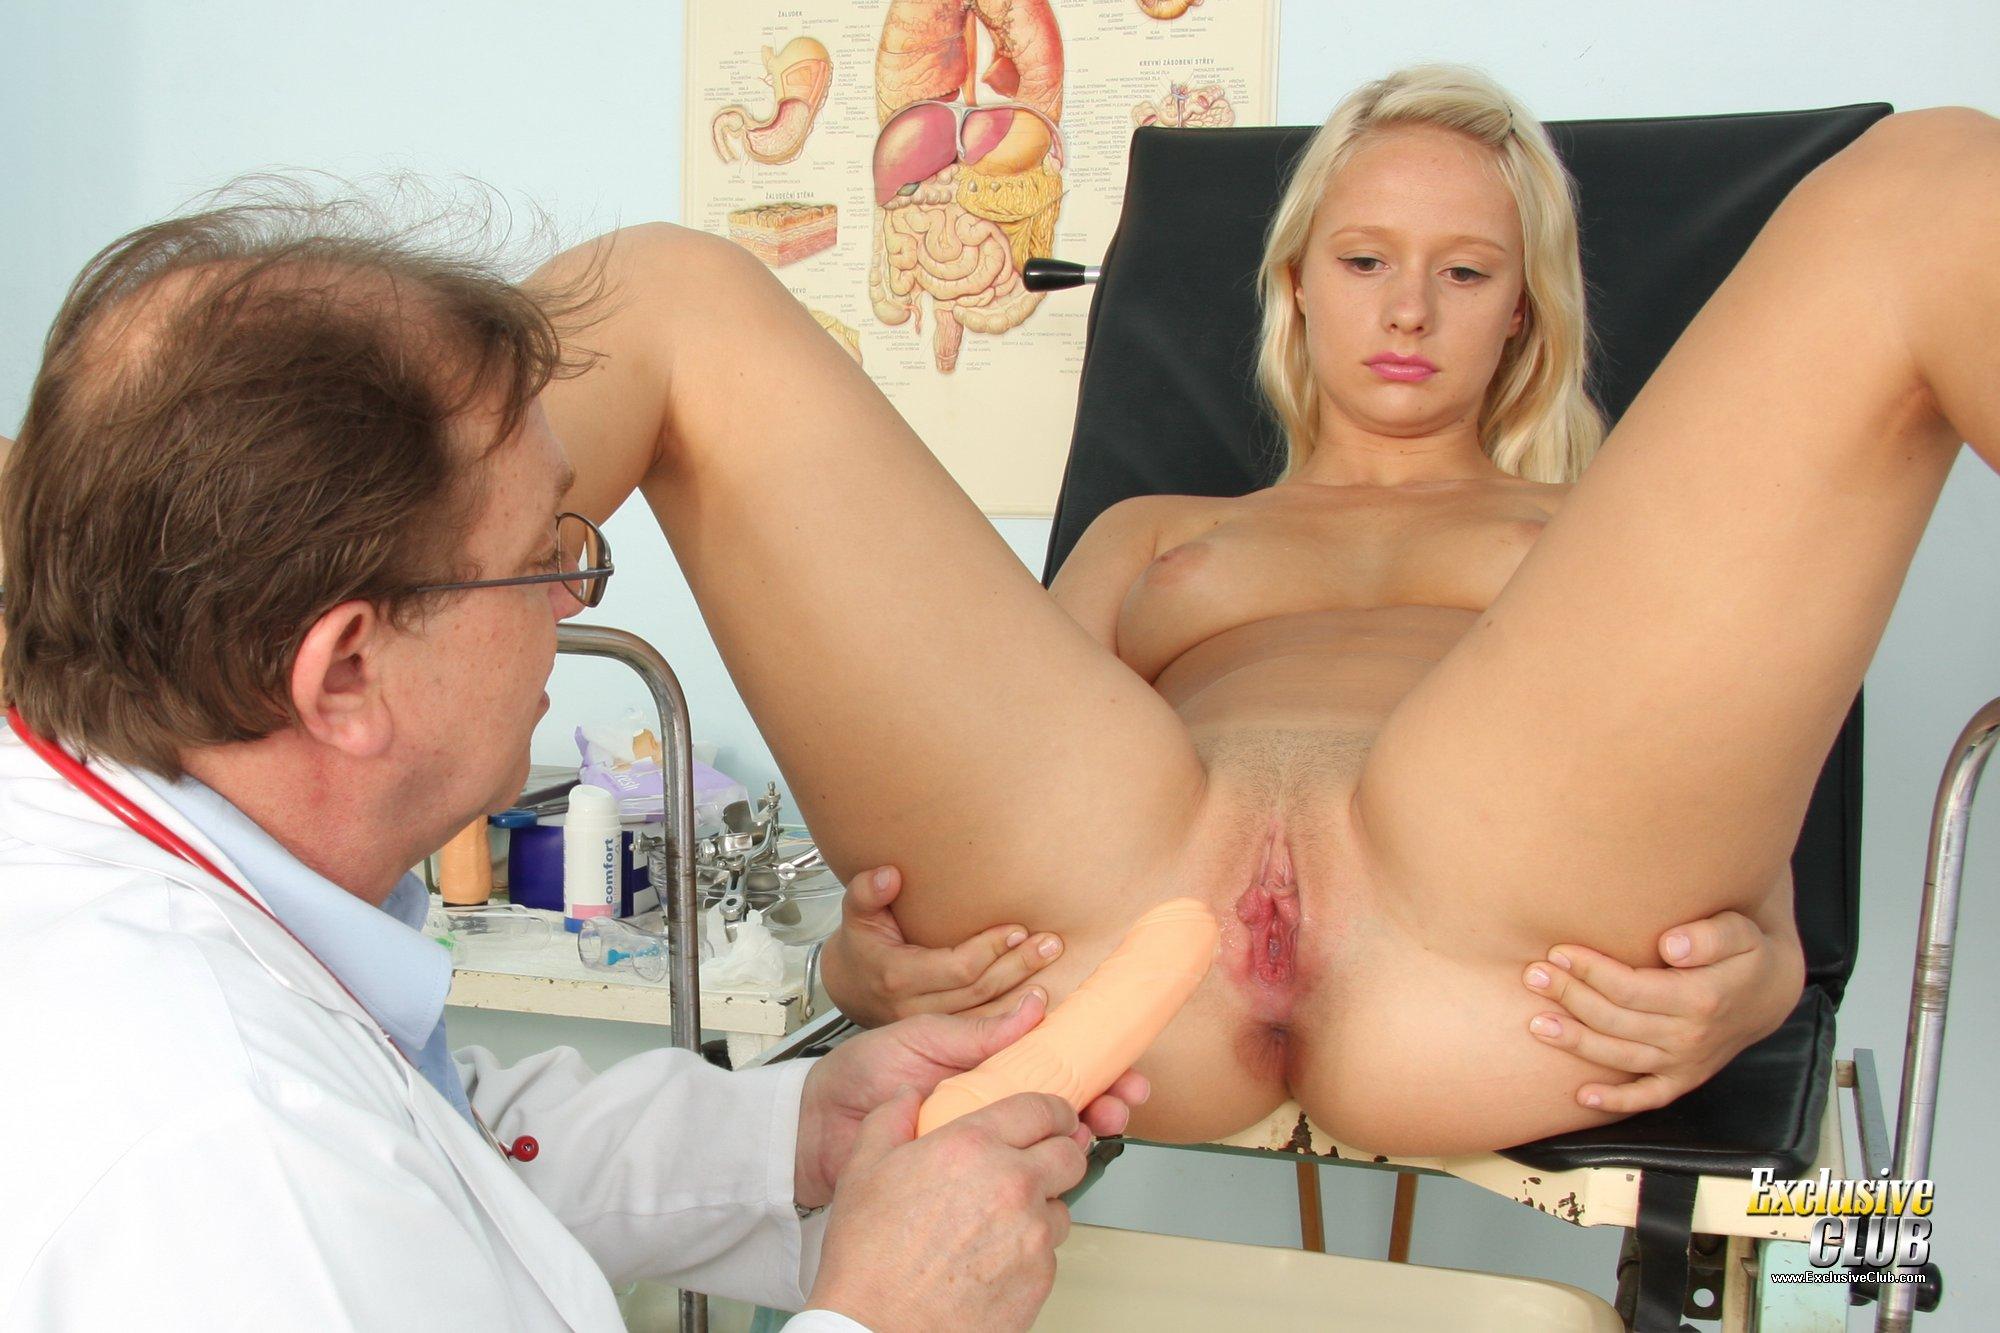 Смотреть в онлайн осмотр гинеколога, Порно осмотр у гинеколога и секс с врачом 16 фотография